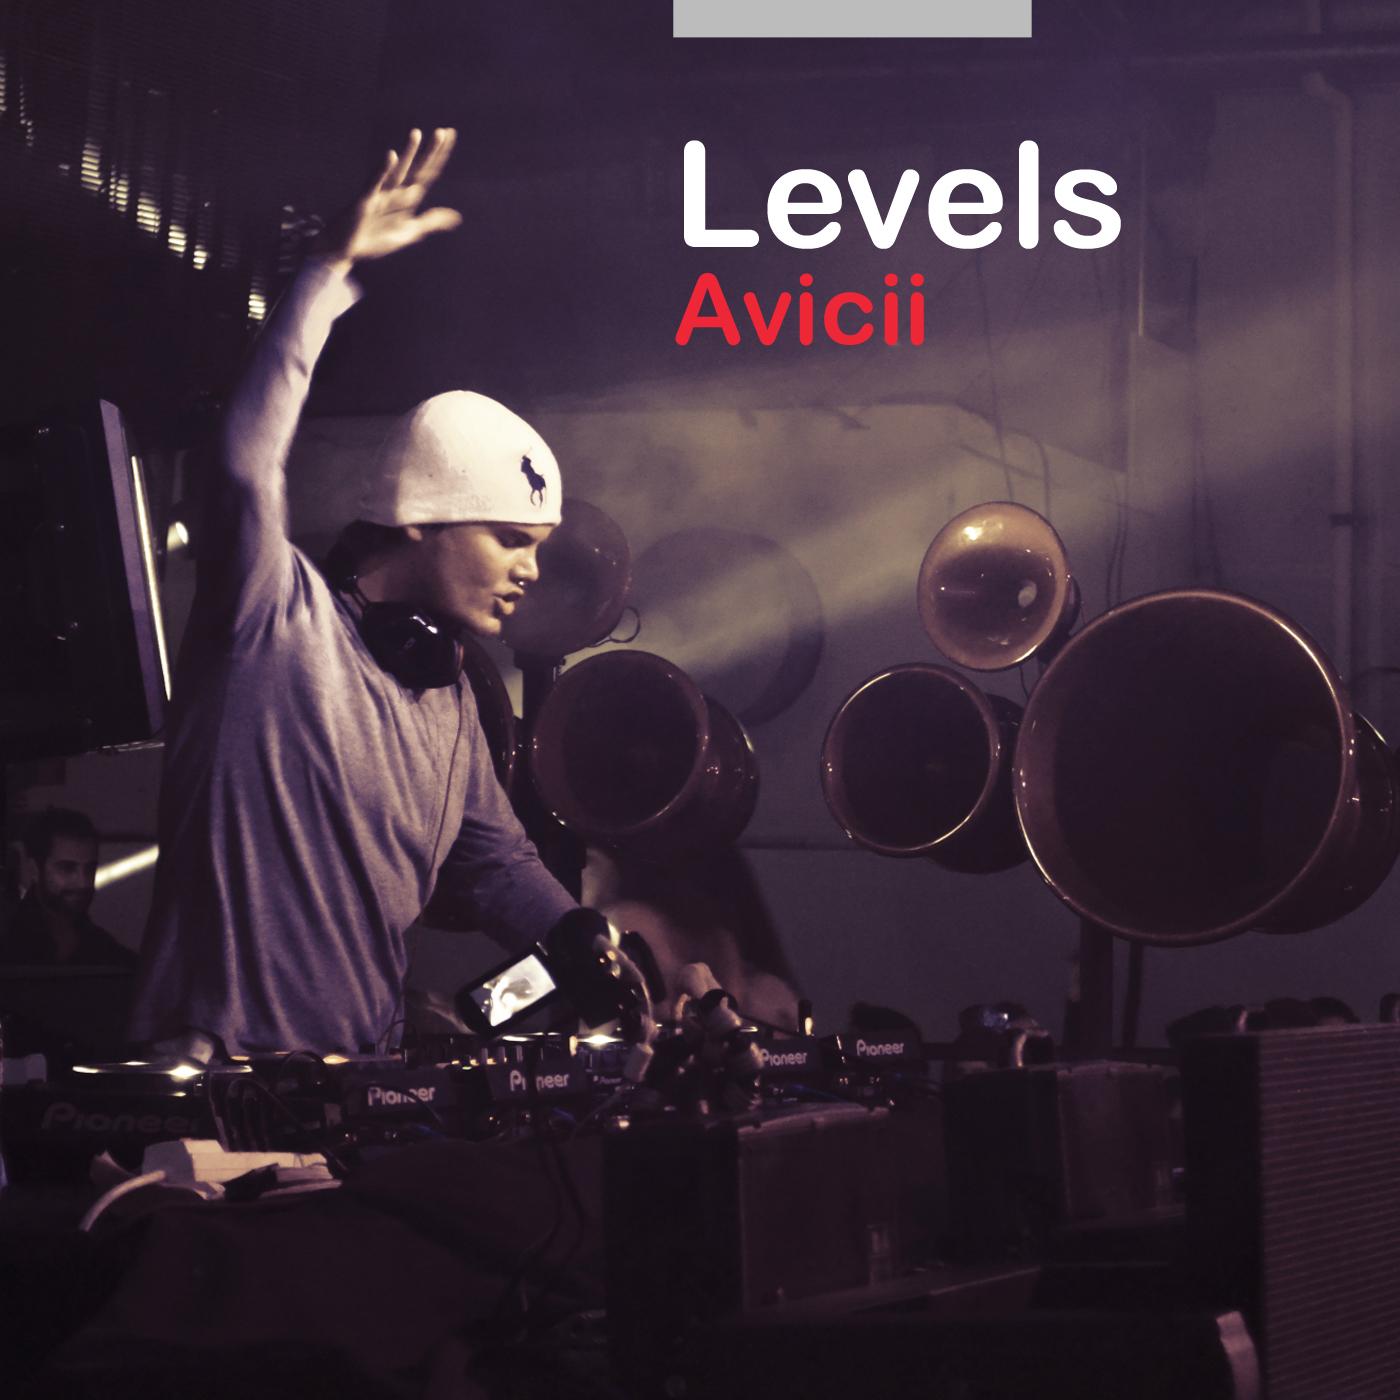 <![CDATA[Levels]]>